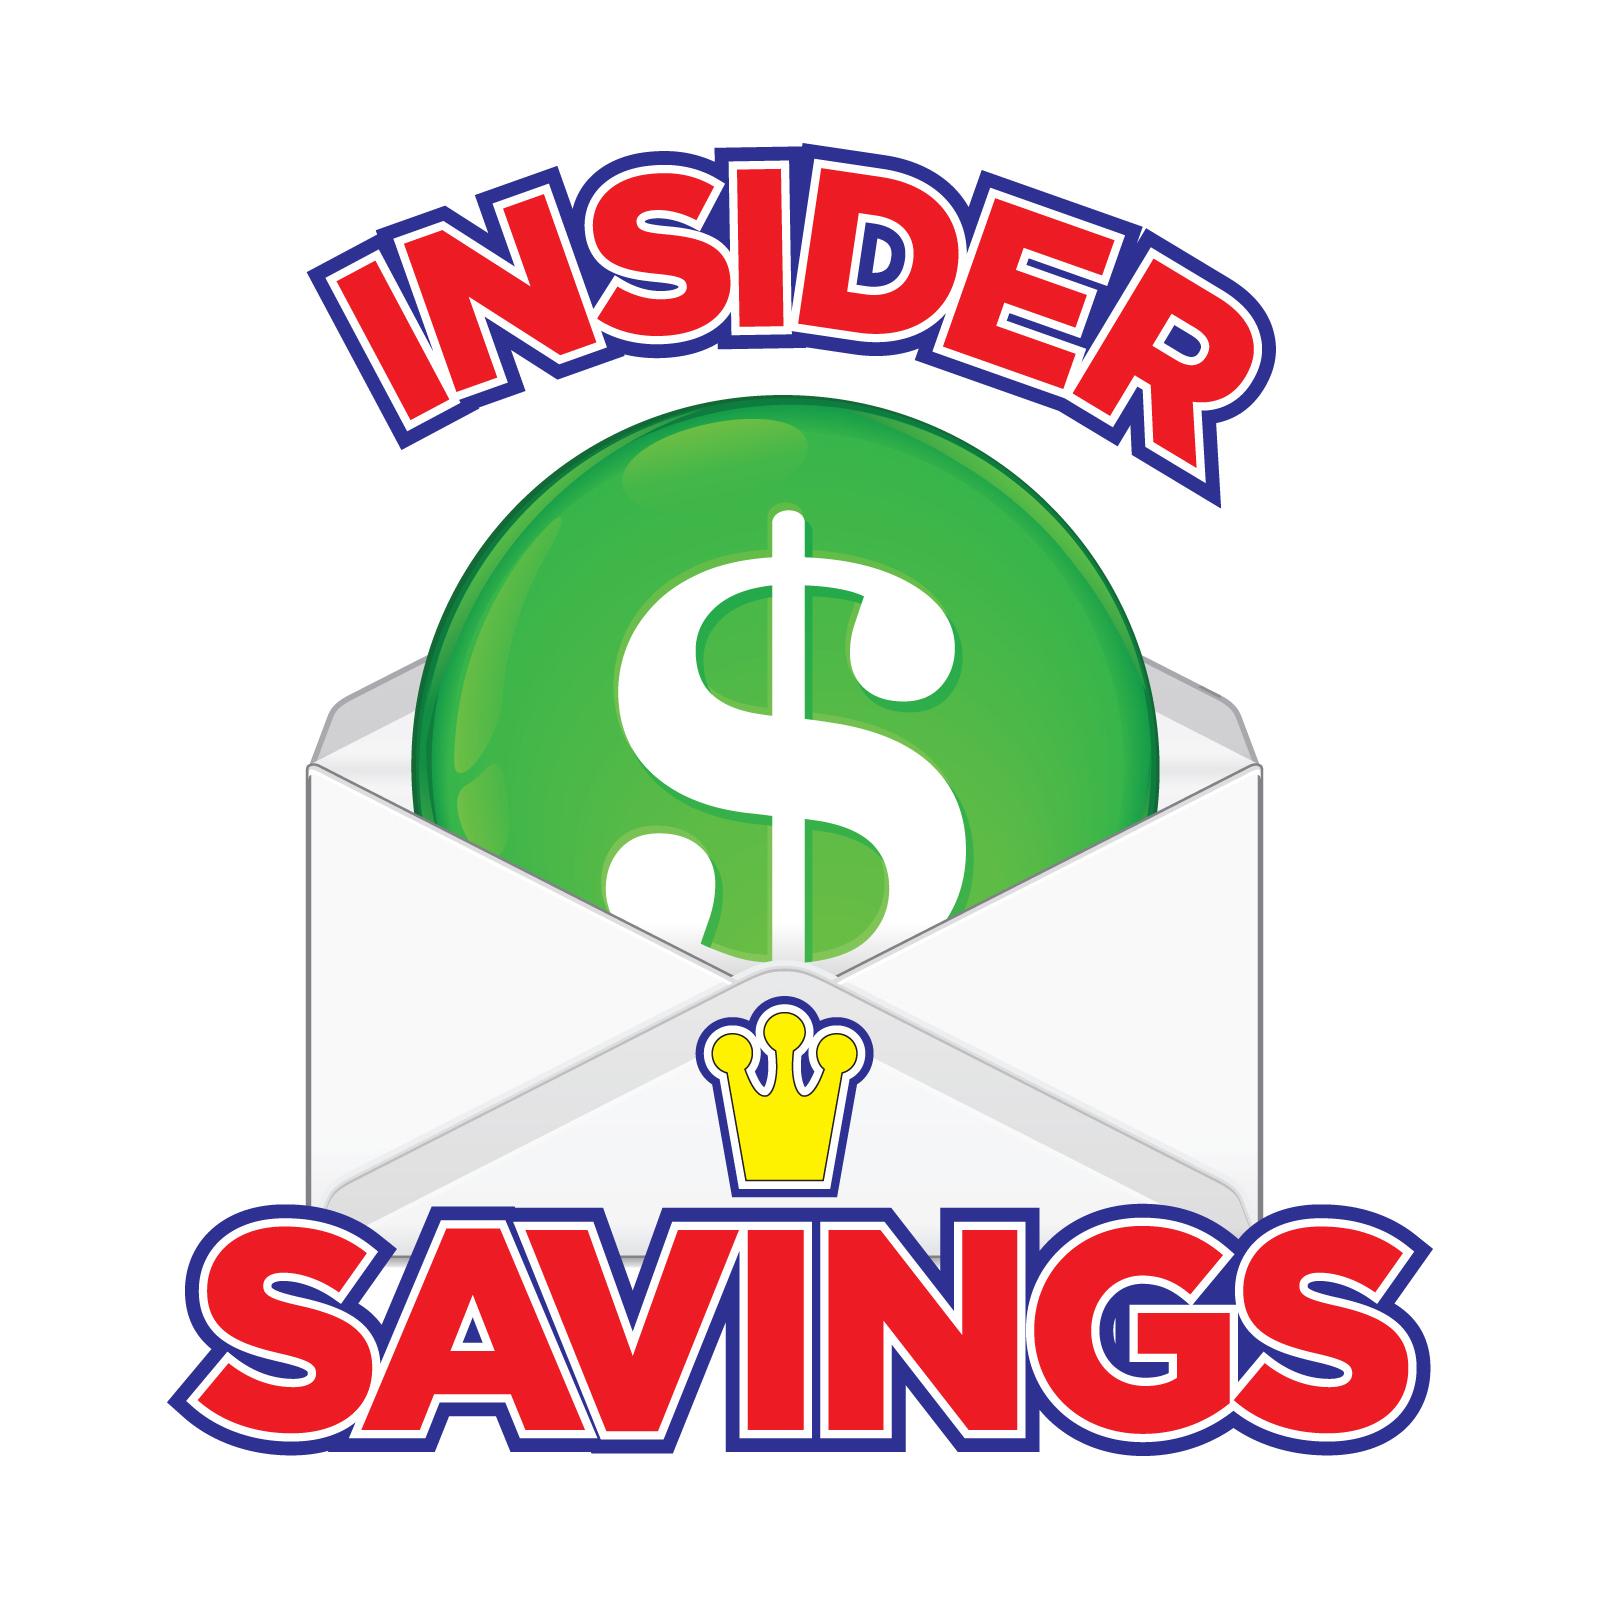 Insider Savings